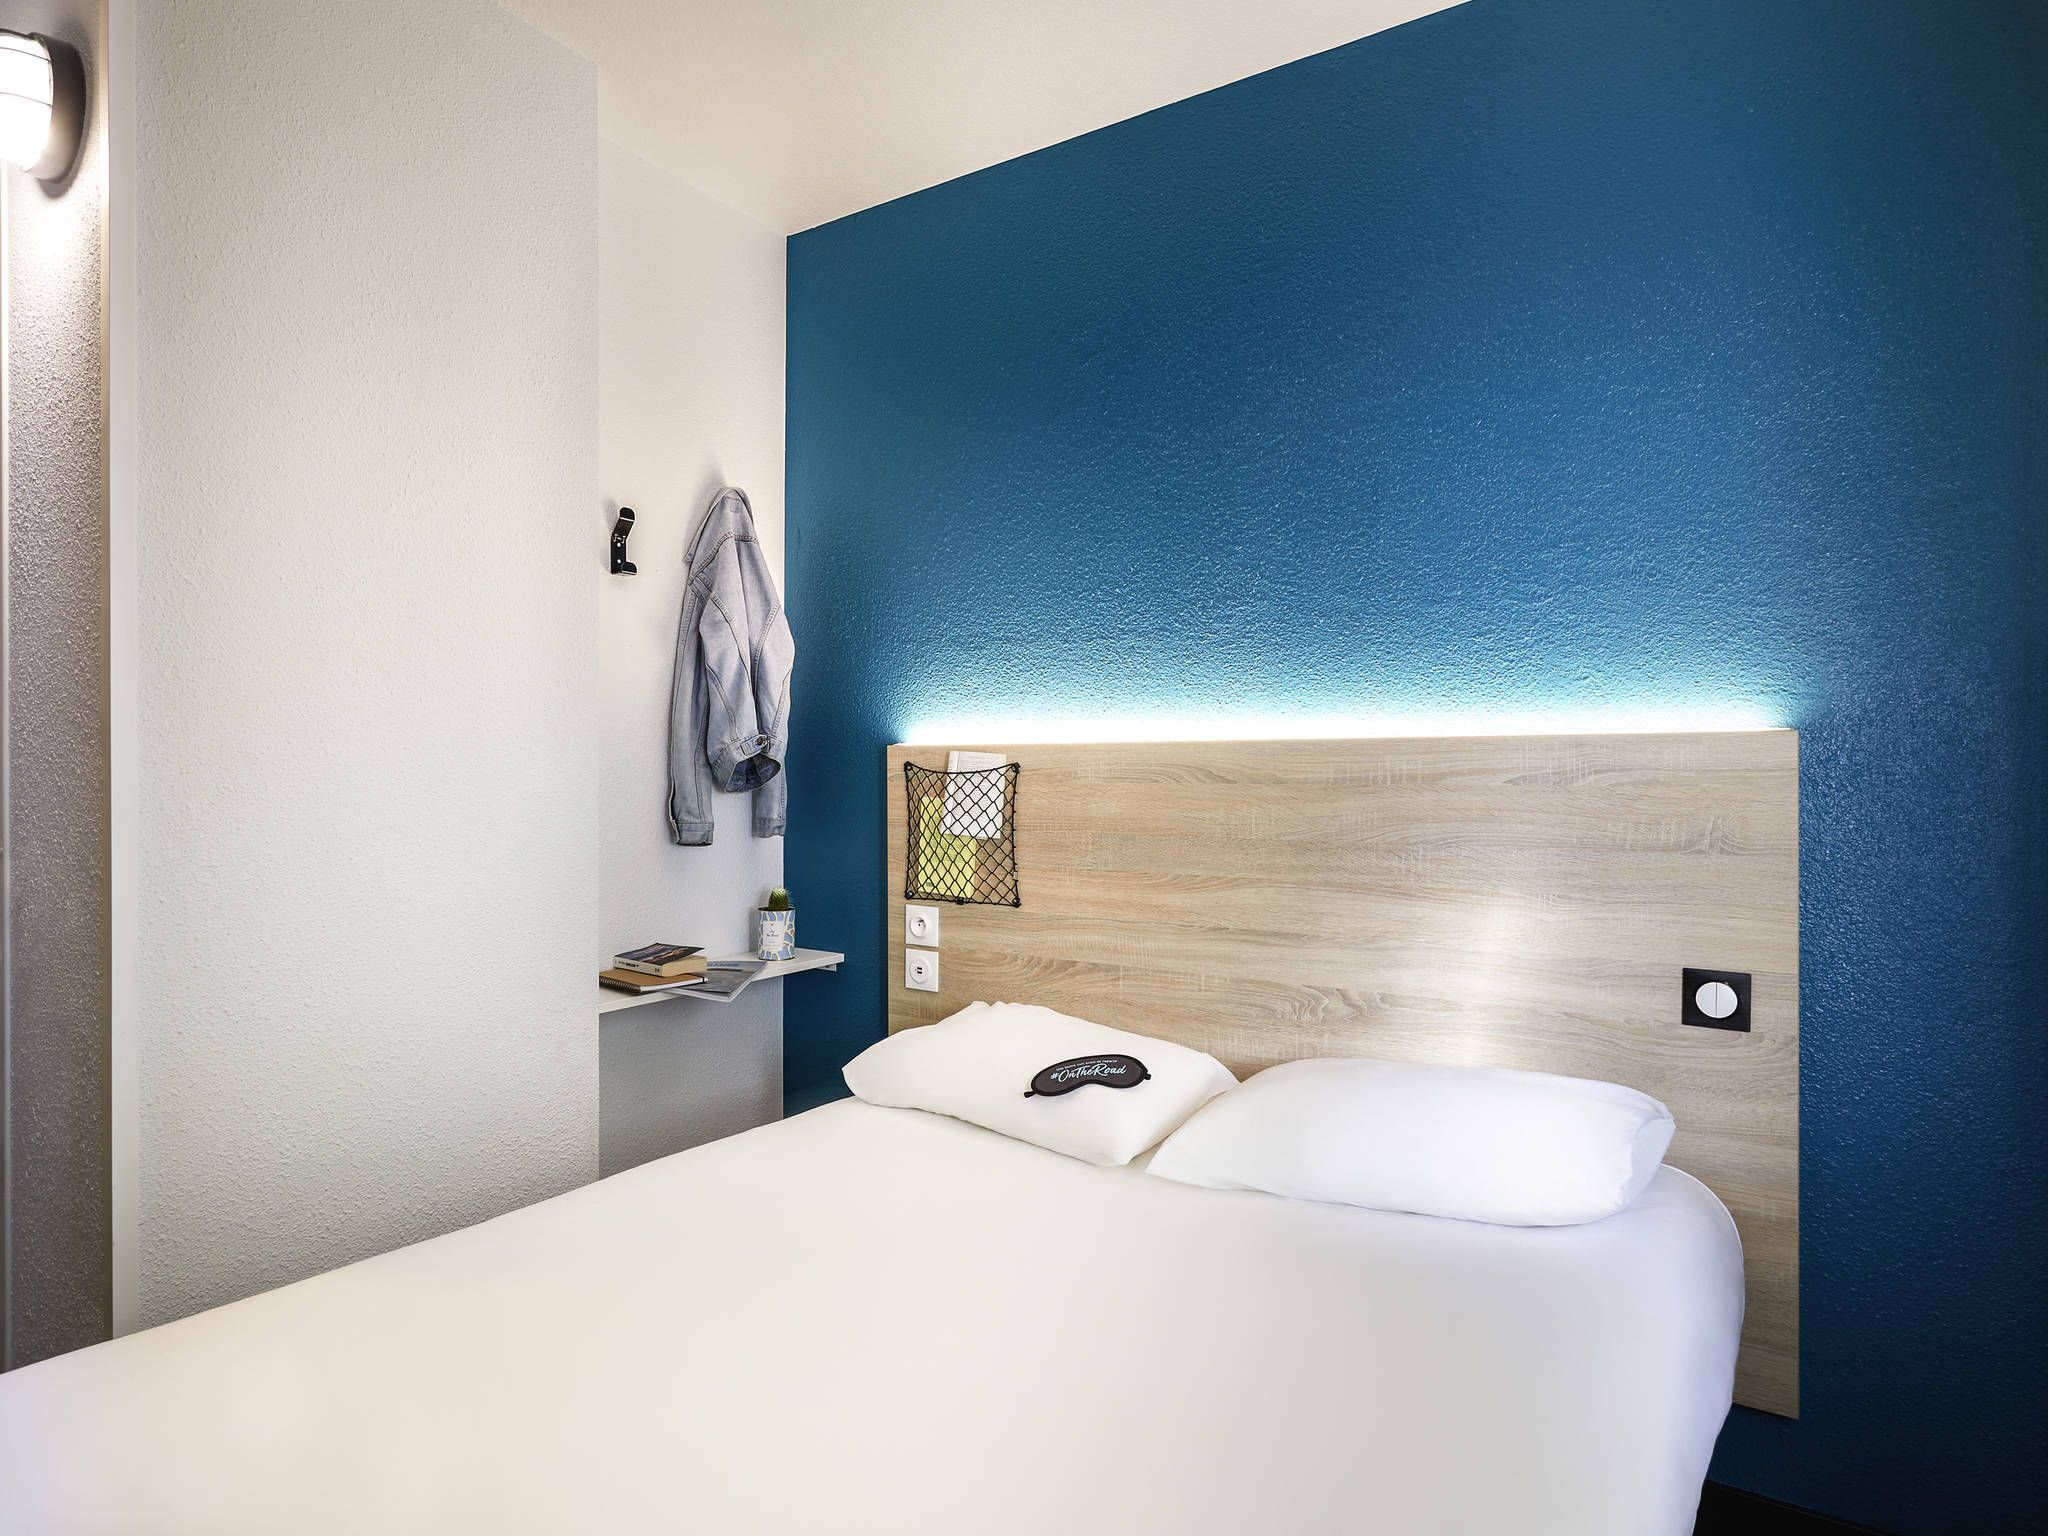 Otel – hotelF1 Gennevilliers Asnières